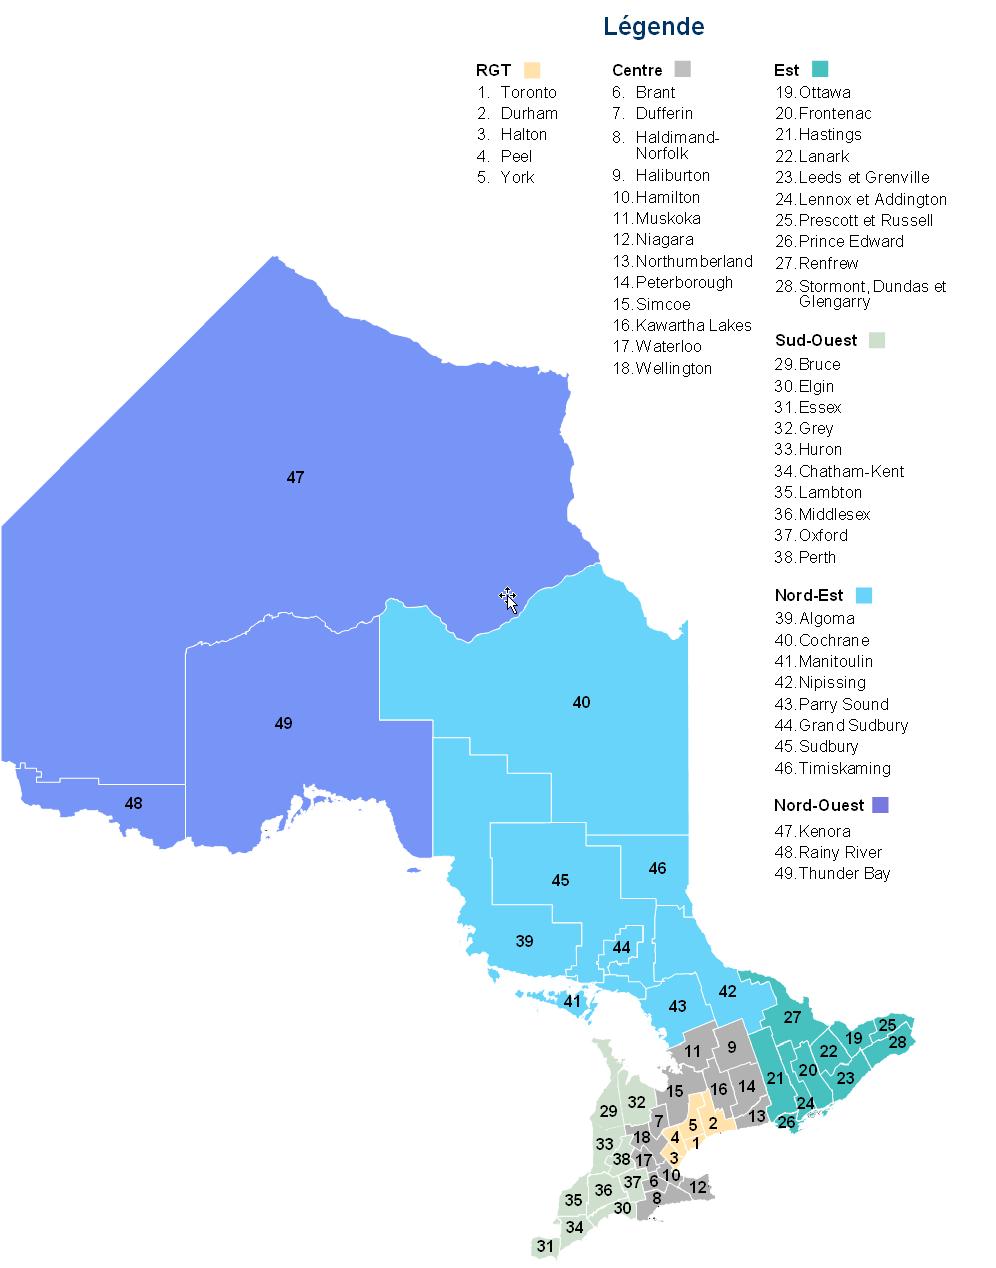 Carte des divisions de recensement de l'Ontario